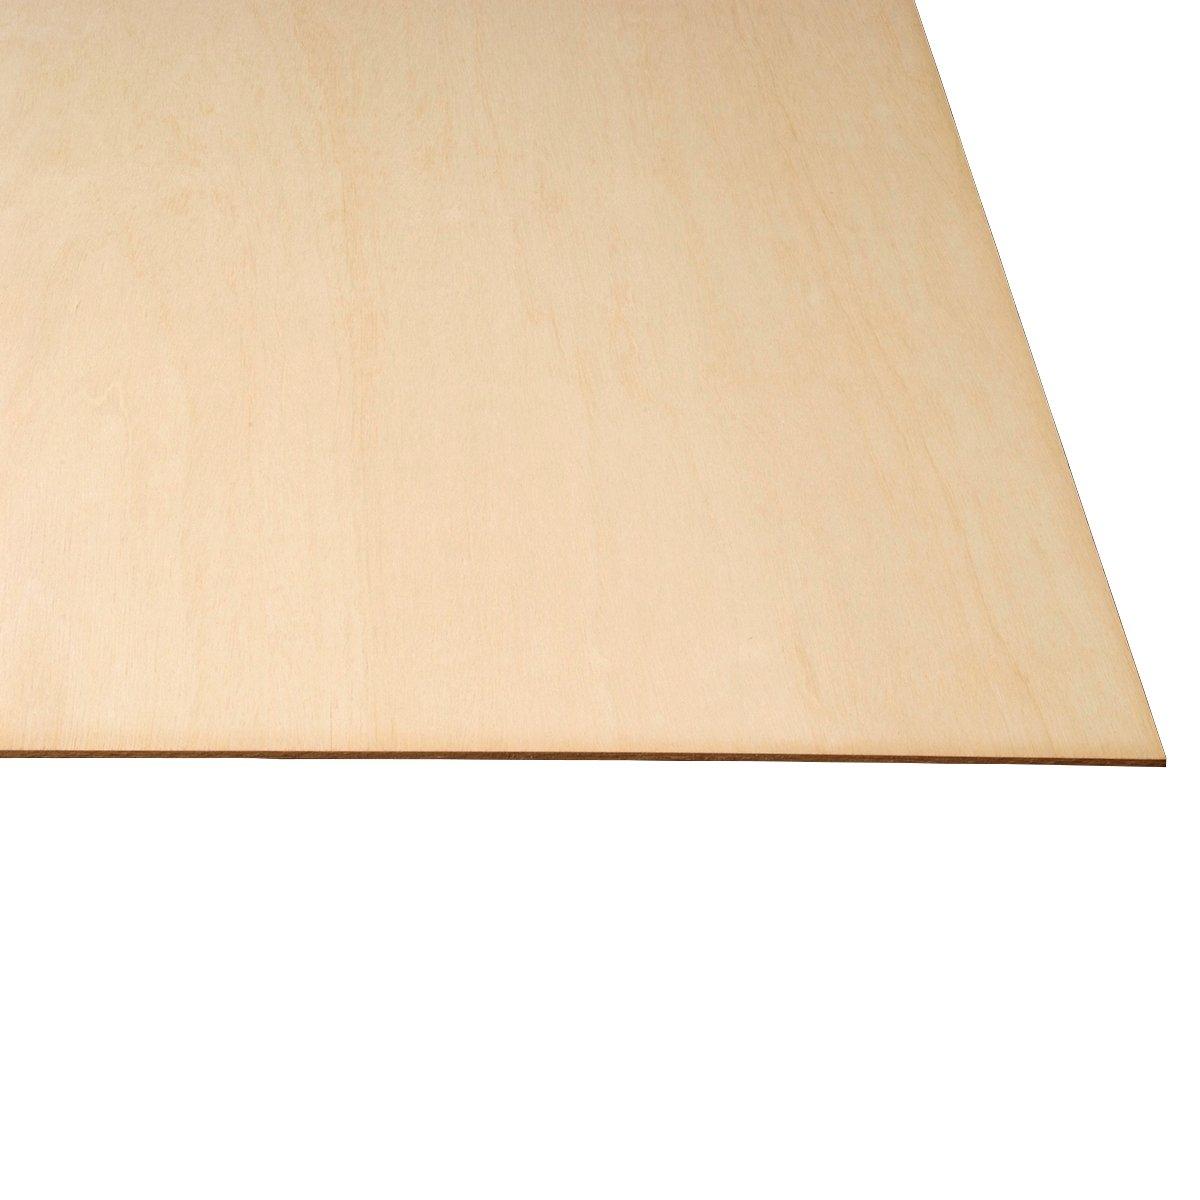 LASERWOOD Baltic Birch Plywood 1/8 x 24 x 36 PKG 5 by Woodnshop by WOODNSHOP